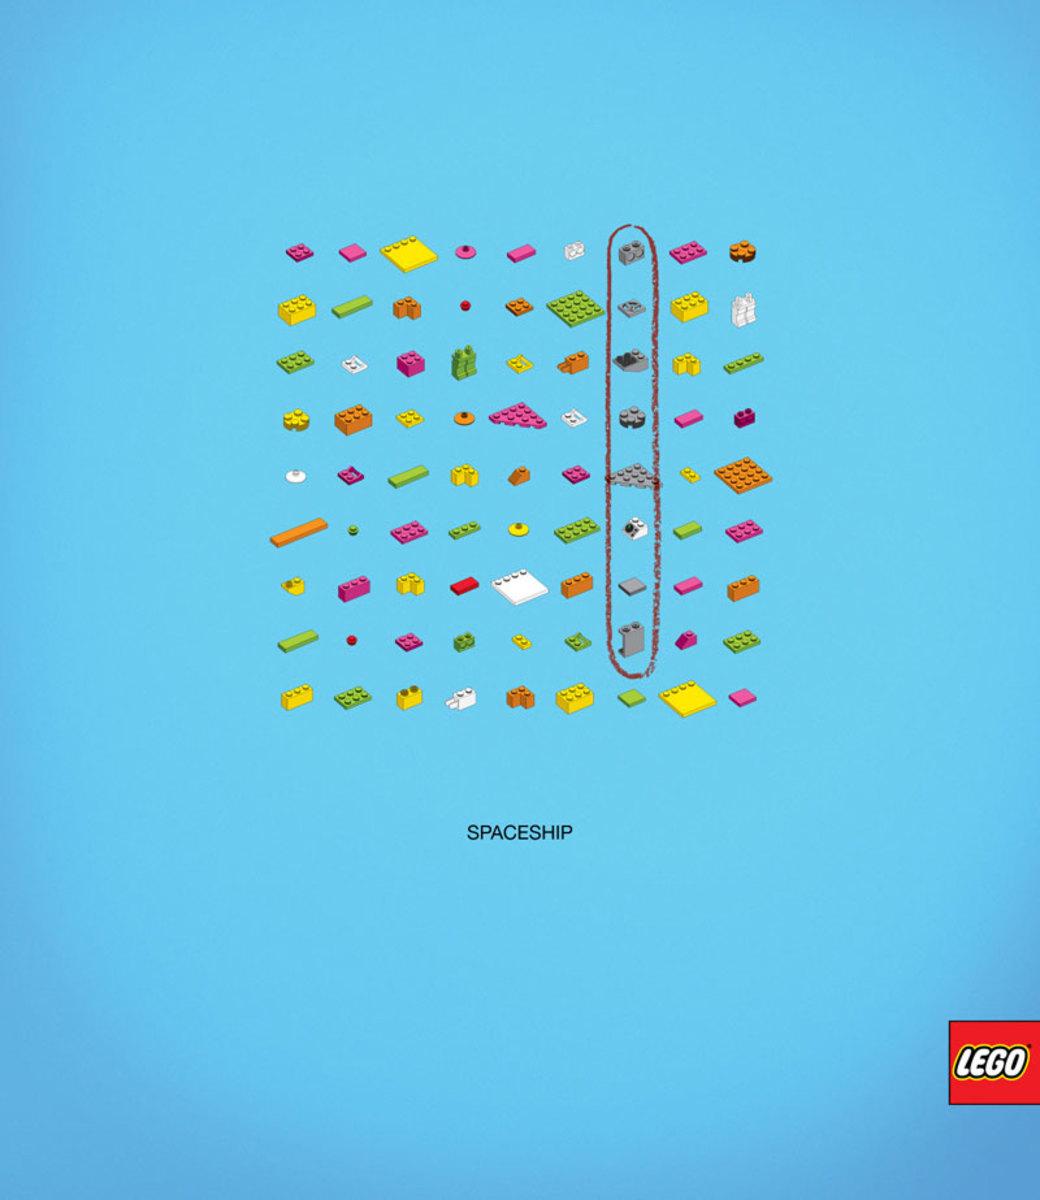 lego-word-scramble-ad-3